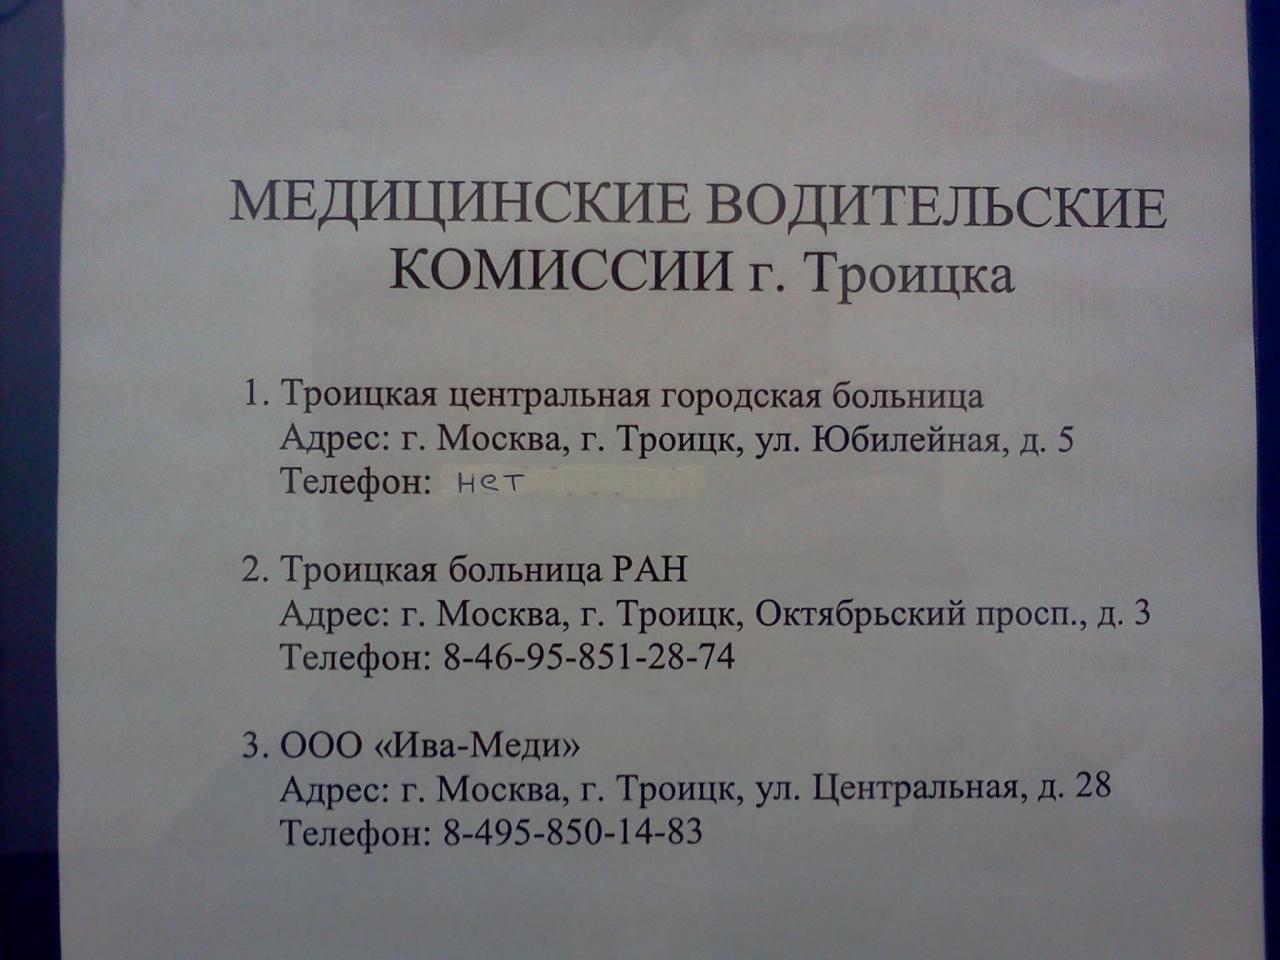 Как получить справку для обмена водительских прав в Москве Внуково